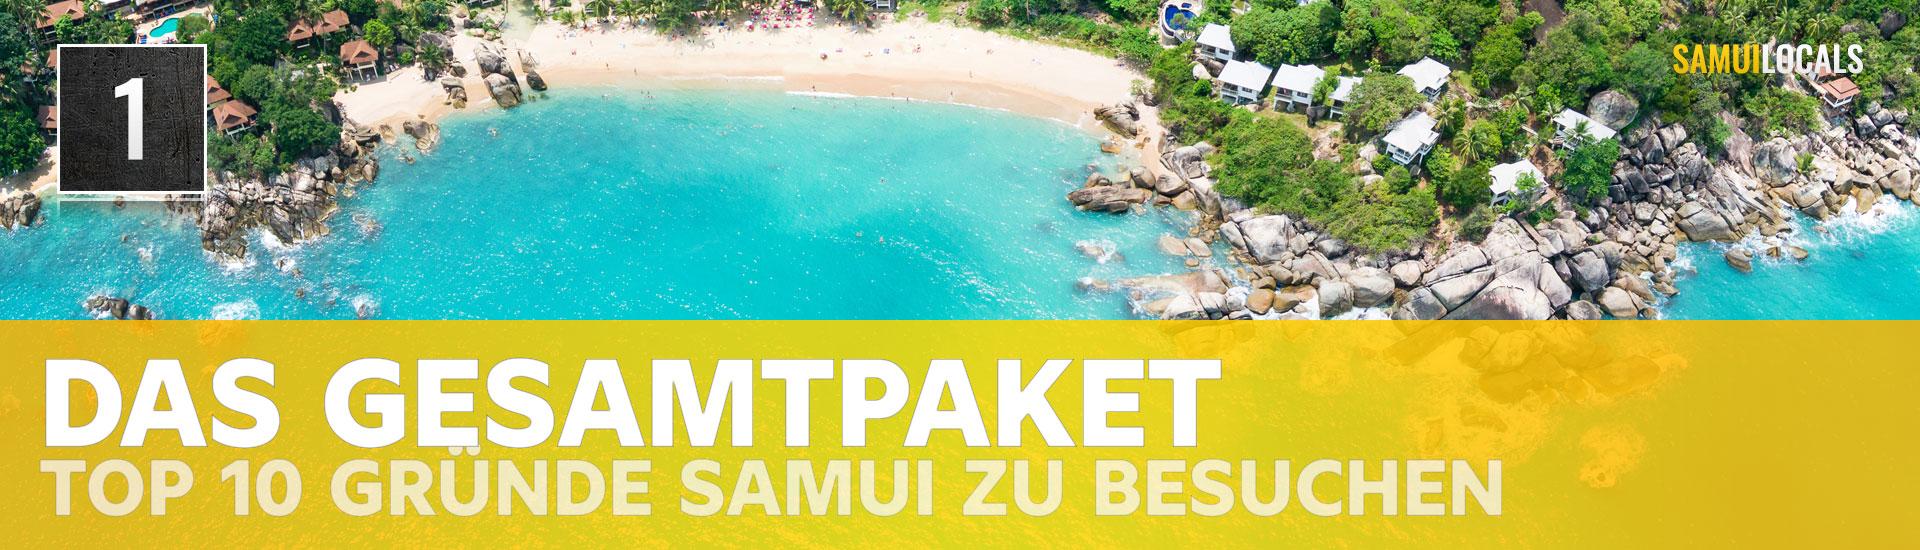 top_10_gruende_samui_zu_besuchen_das_gesamtpaket